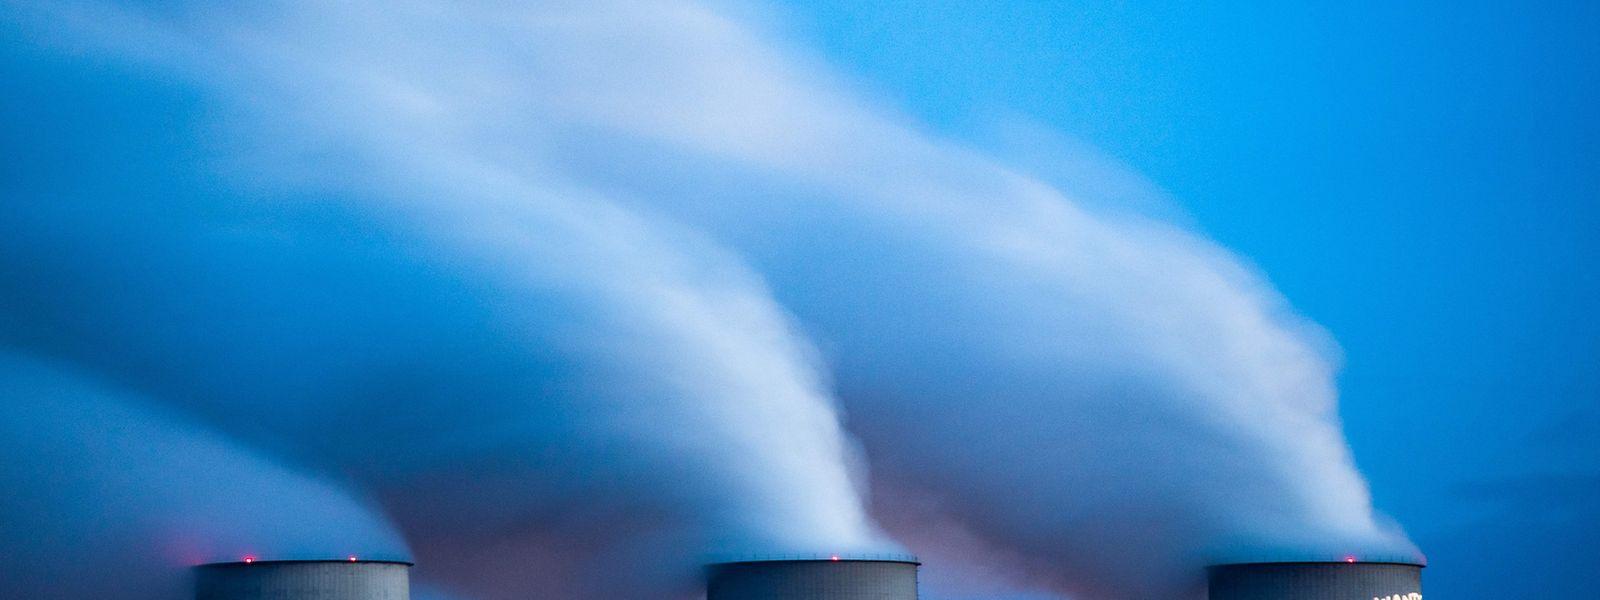 Selon un récent rapport de l'ONU, les émissions de CO2 ont progressé en moyenne de 1,5% par an ces dix dernières années